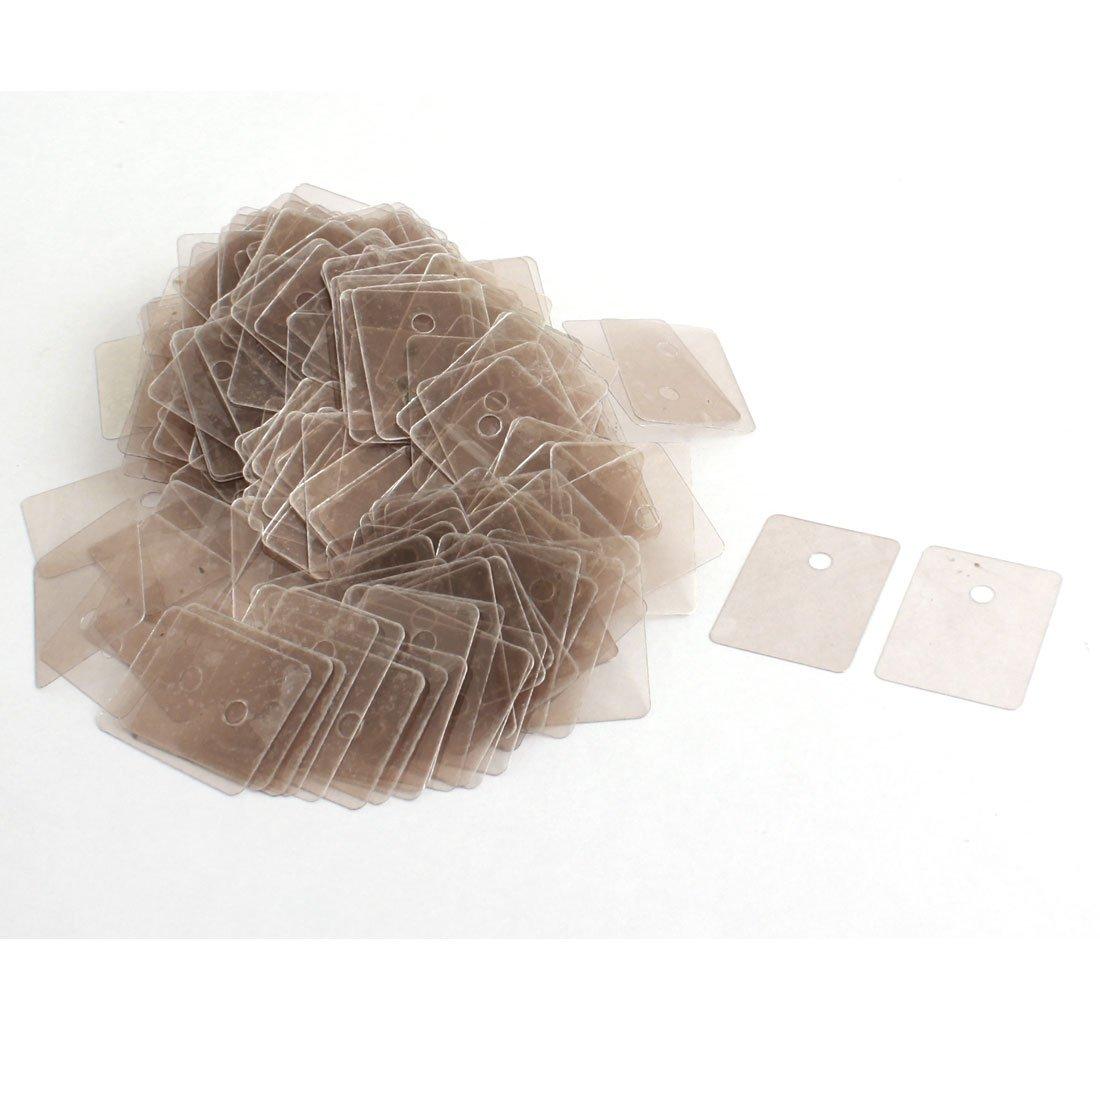 300Pcs 22mmx29mmx0.12mm Mica Insulator Insulation Sheet Plates Sourcingmap a14072800ux0059